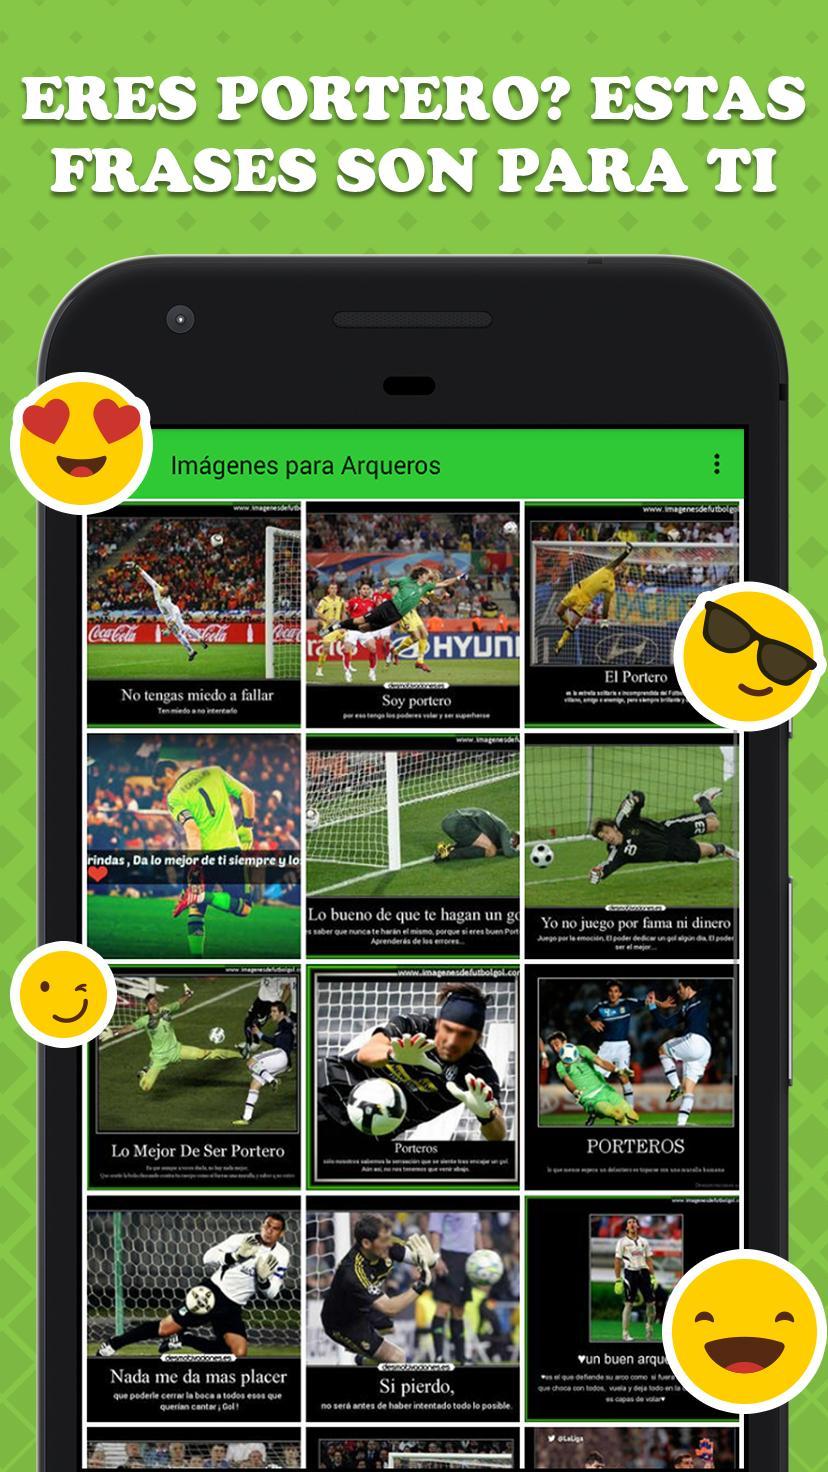 Imagenes De Futbol Con Frases For Android Apk Download